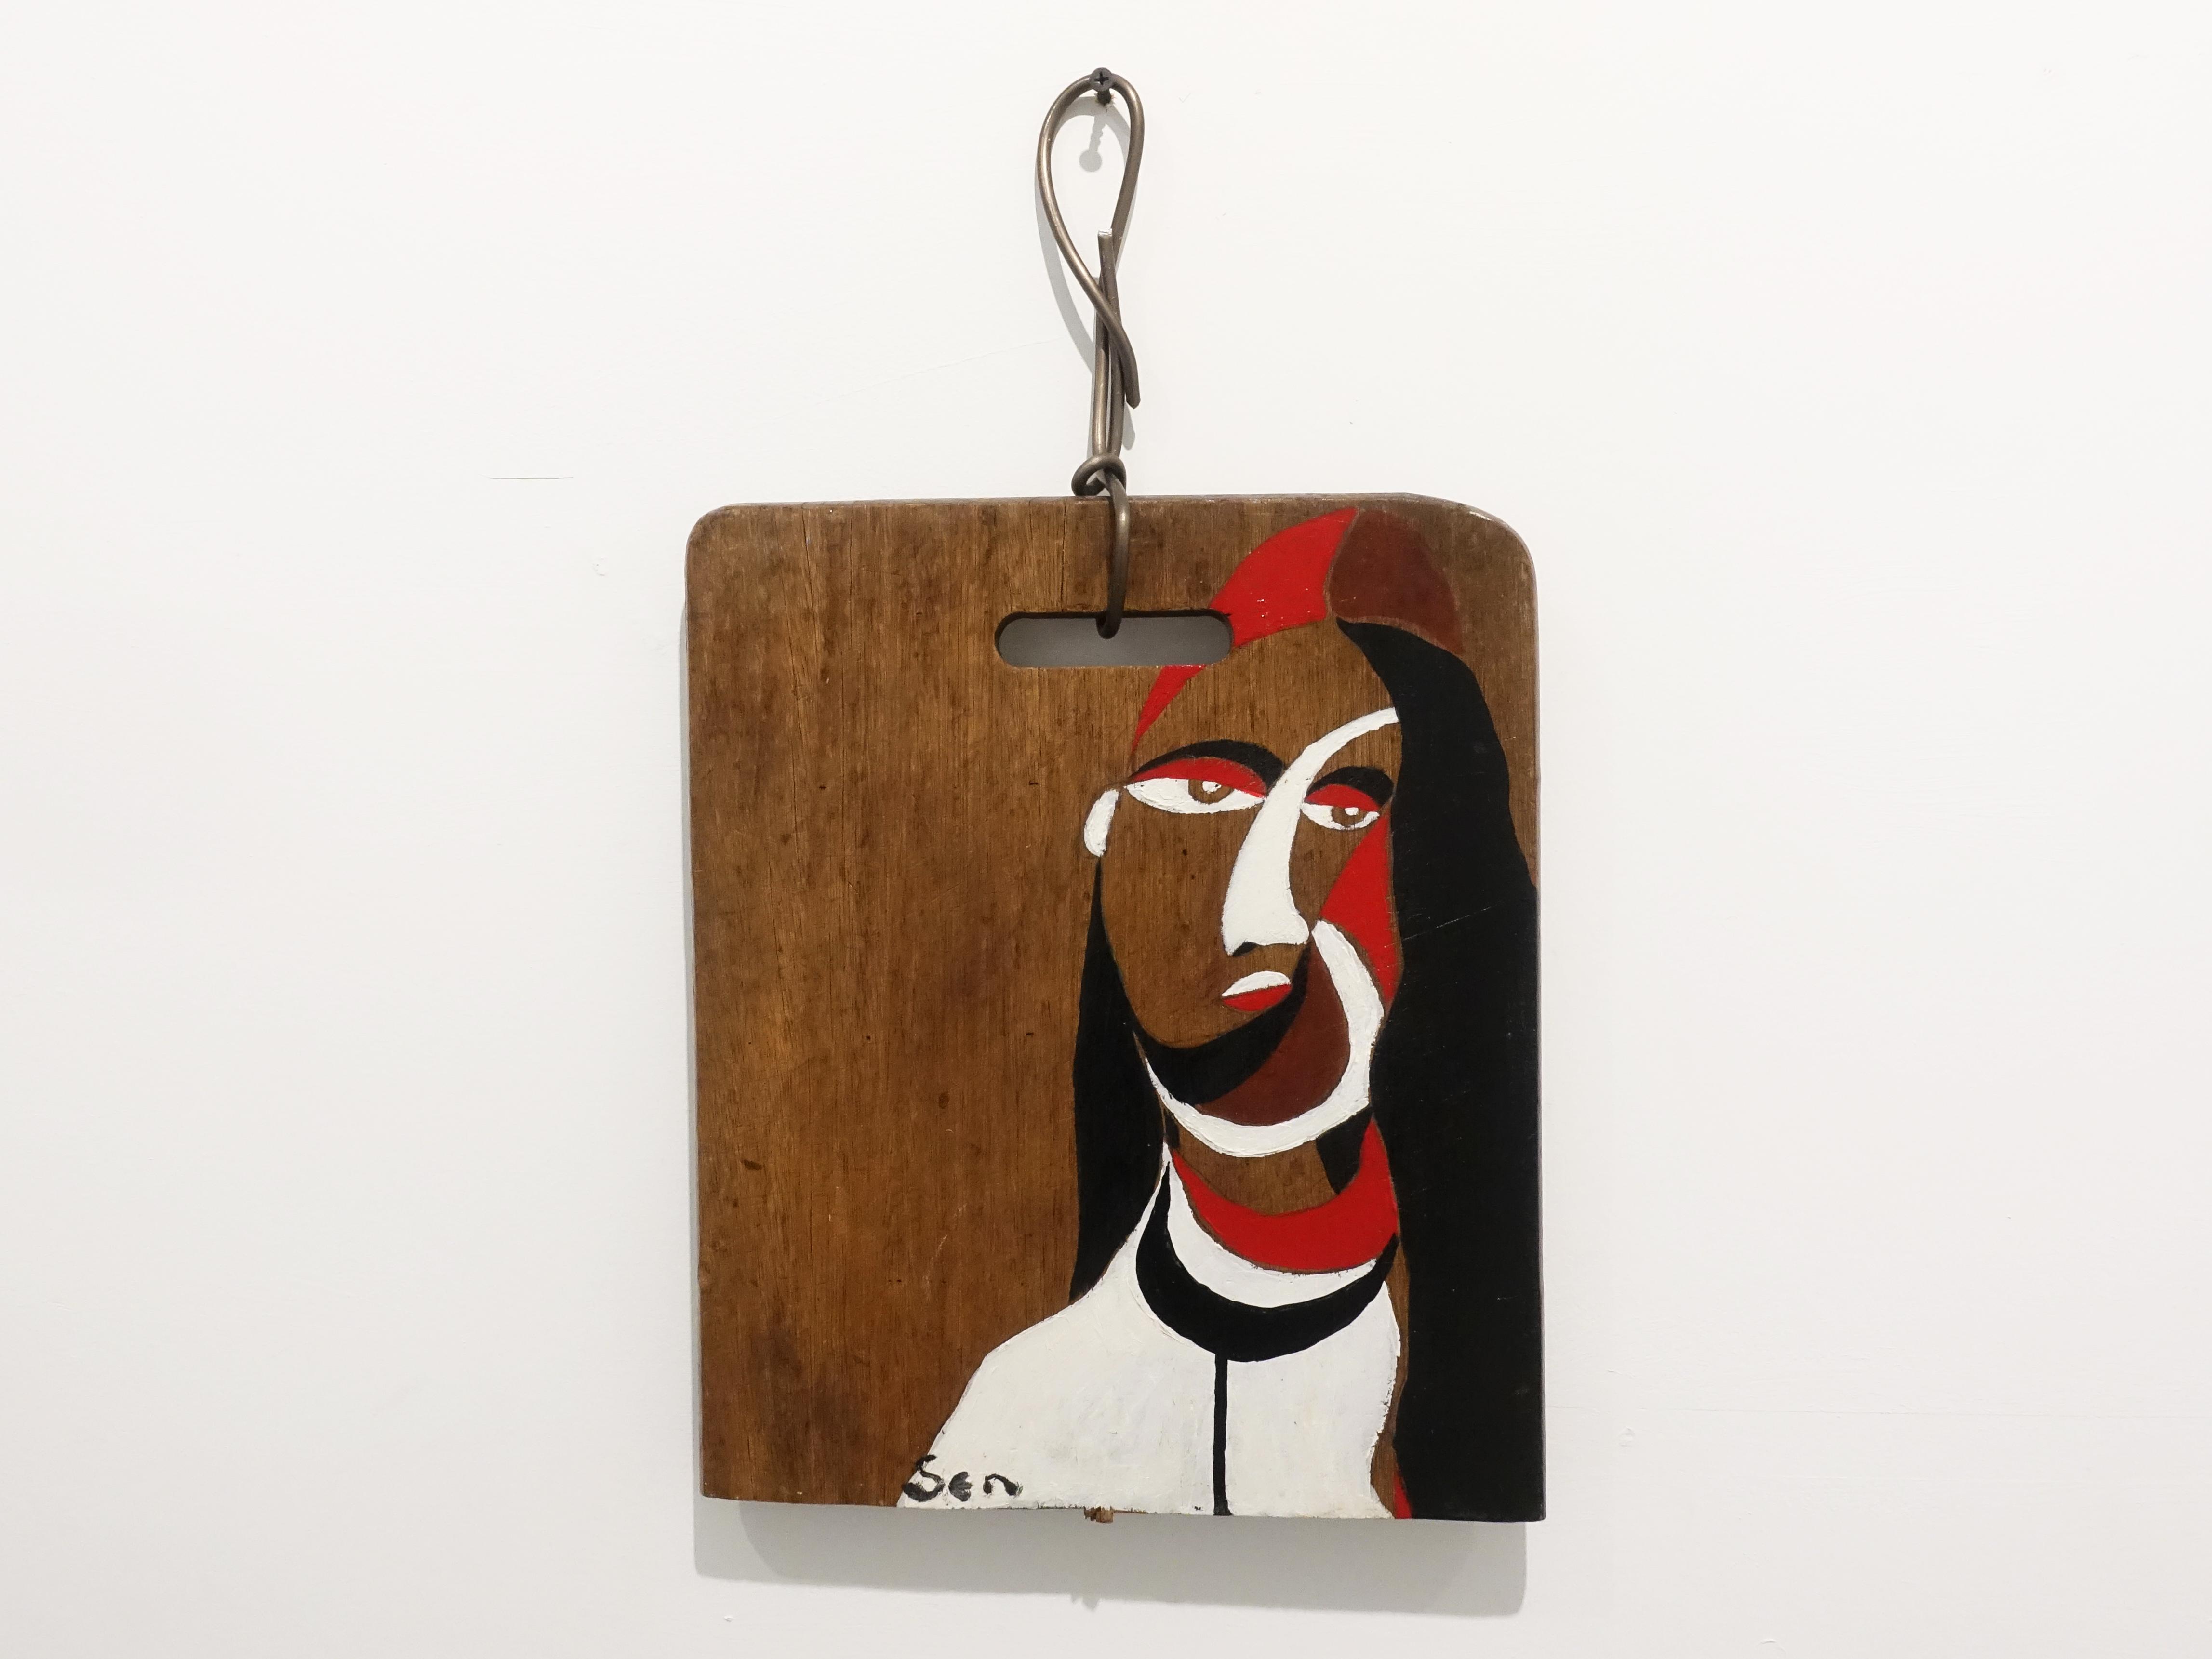 楊樹森,《約瑟芬》,37 x 53.2 cm,漂木油彩,2017。